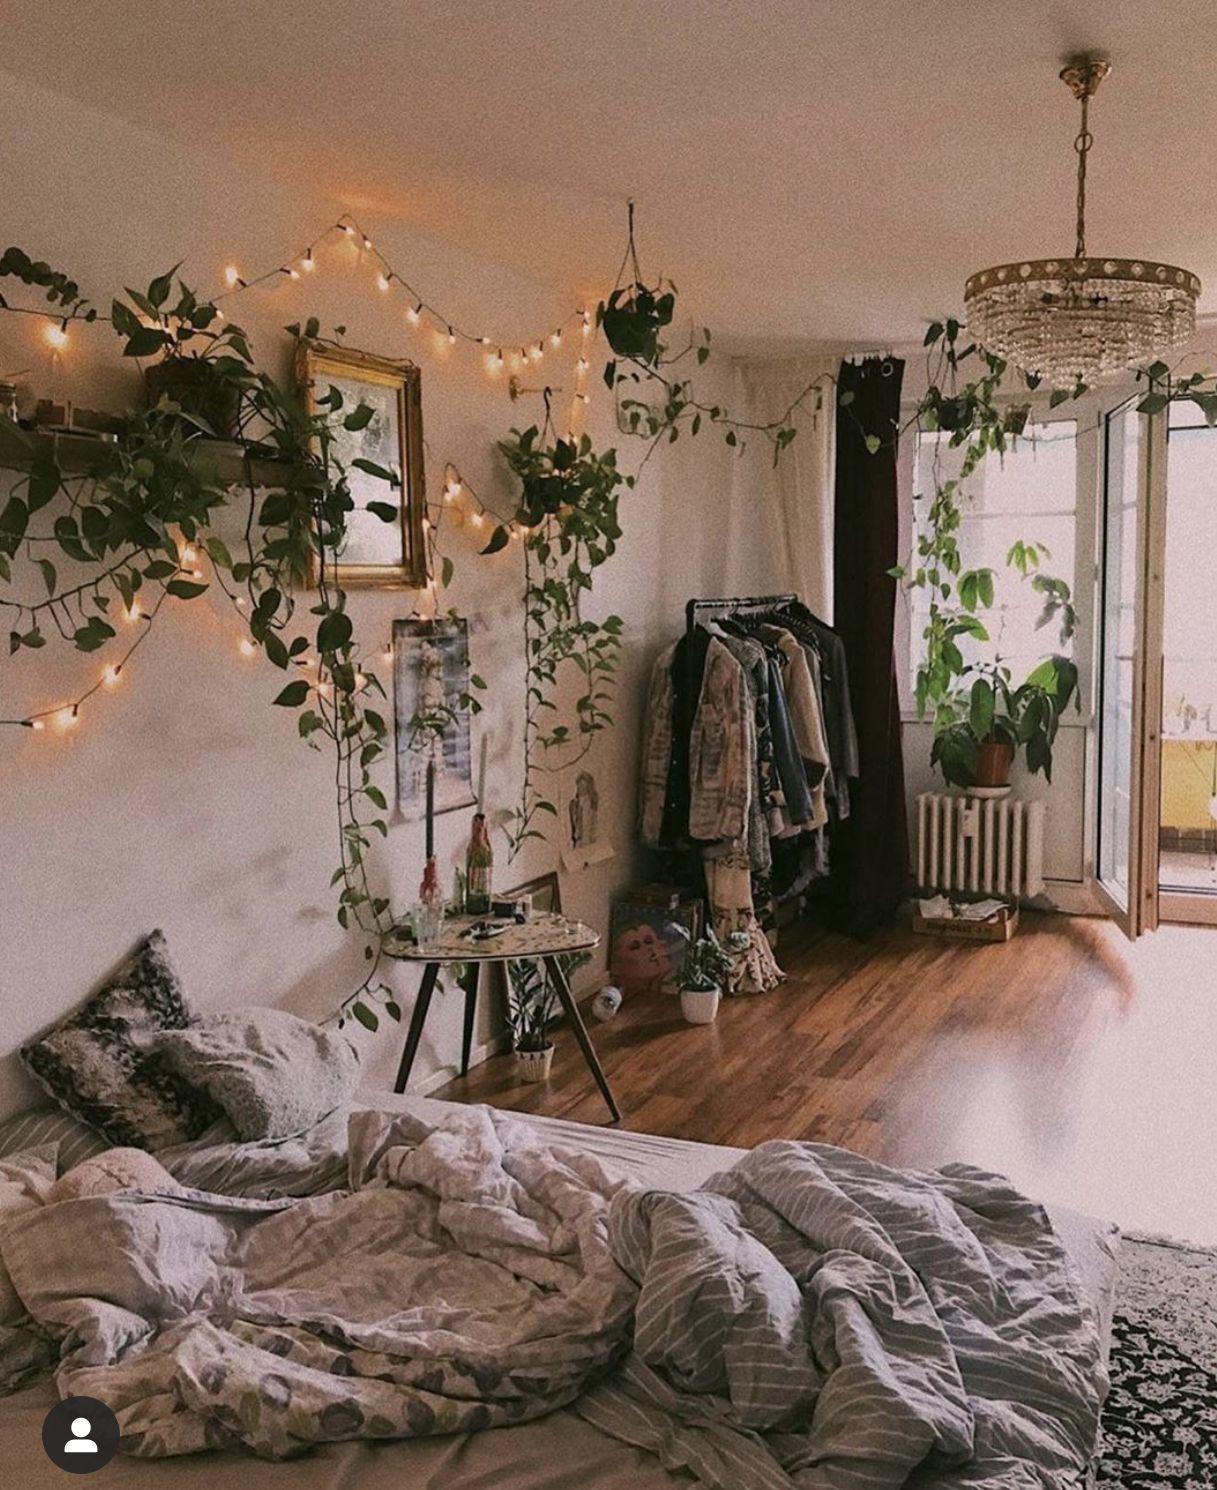 Scandinavian Bedroomdesign Ideas: Cozy Room, Stylish Bedroom